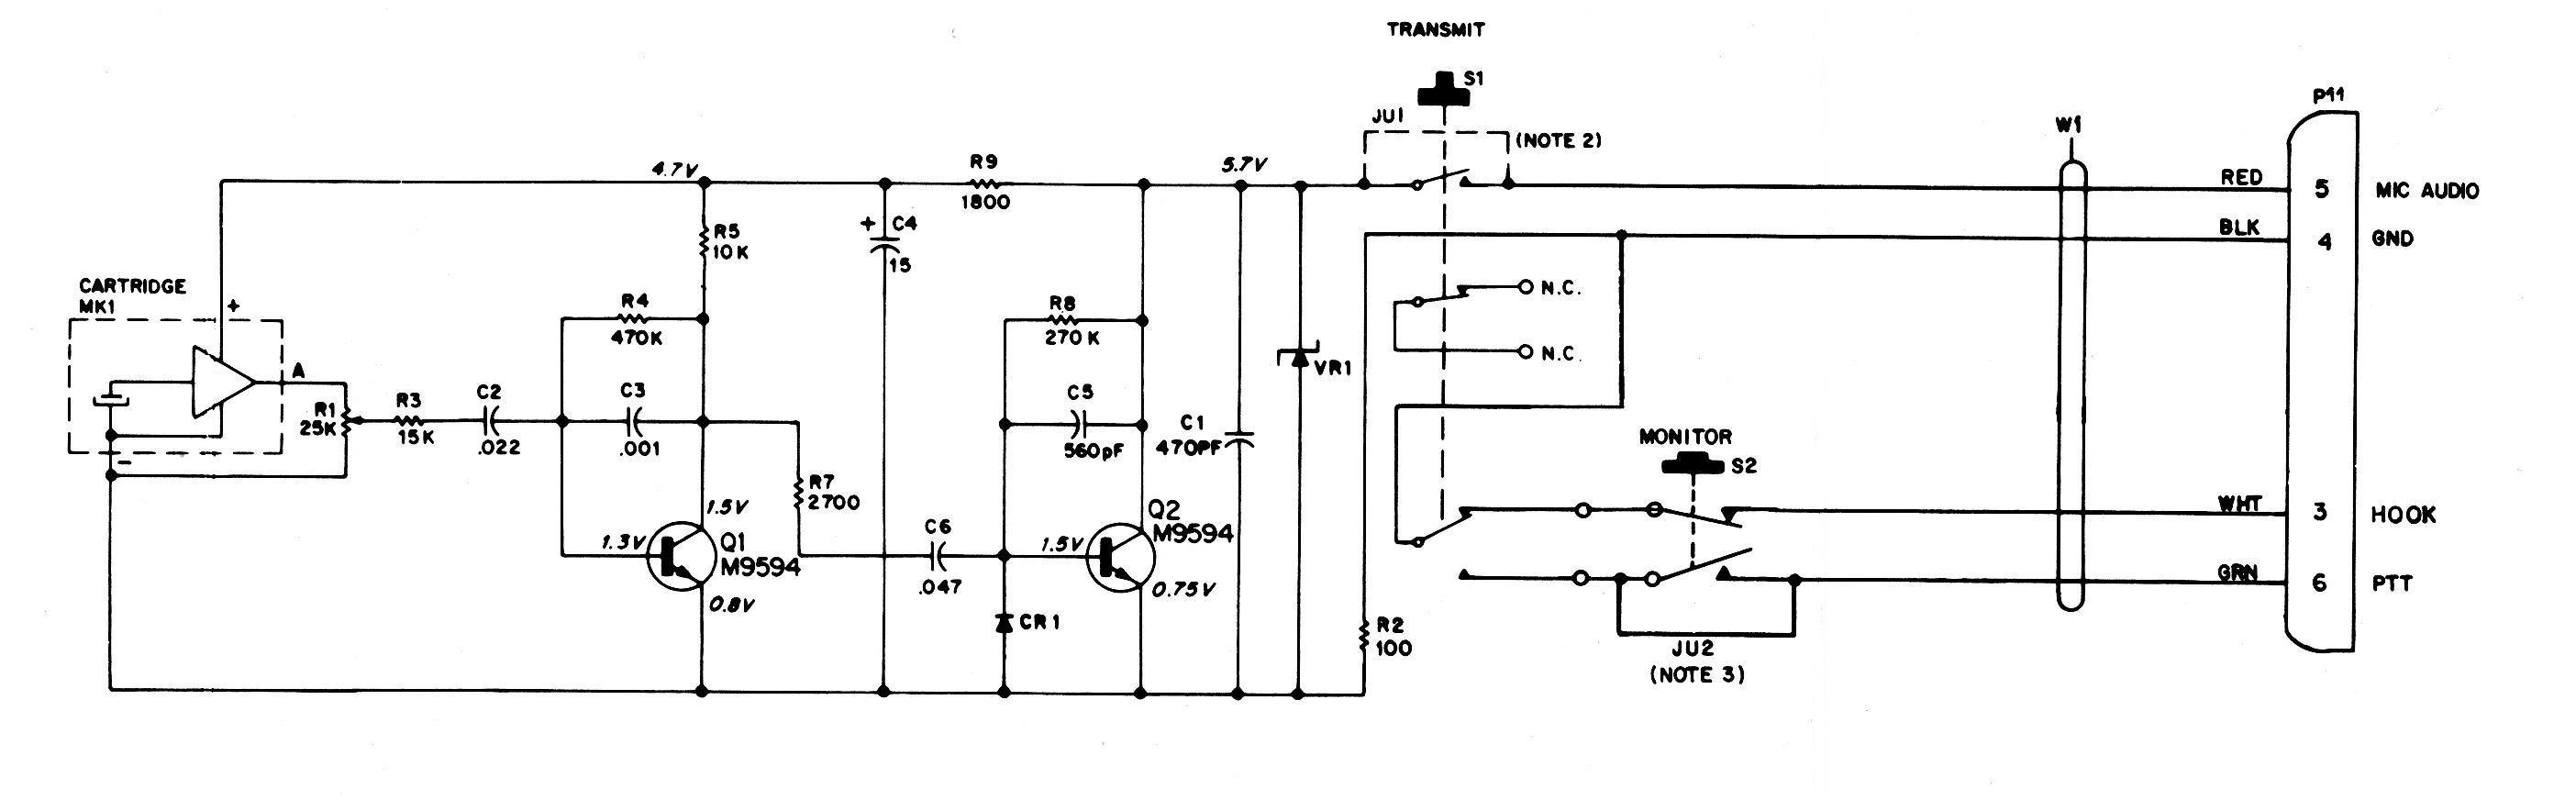 motorola cb radio wiring diagram 2003 dodge ram 2500 mic shirogadget